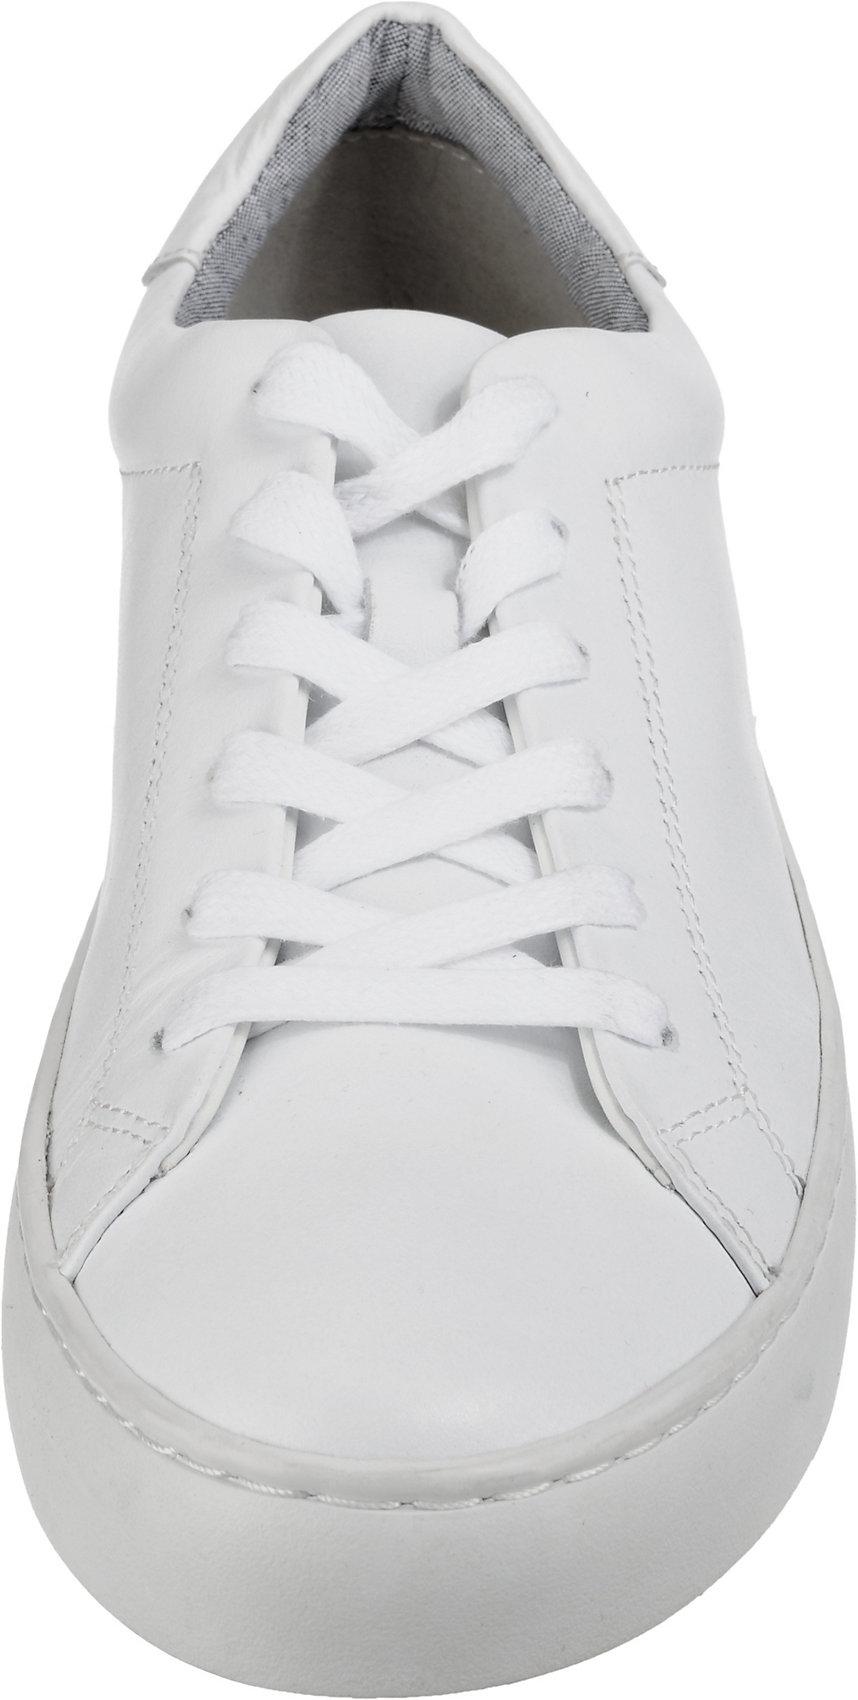 wholesale dealer 7759c 87a36 Details zu Neu VAGABOND Zoe Sneakers Low 10134437 für Damen weiß